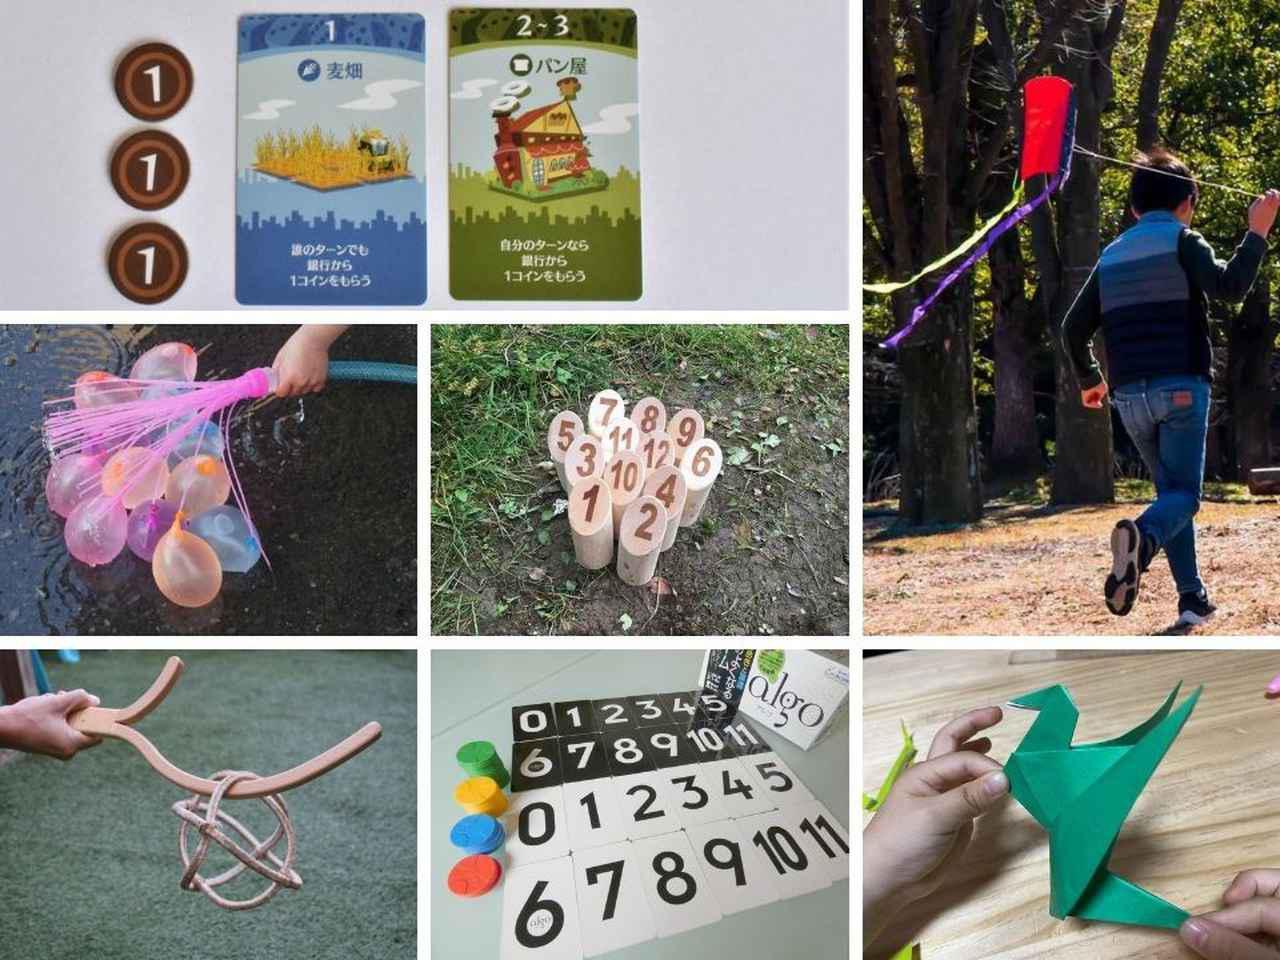 画像: 【まとめ】キャンプでできる遊び10選! 子供が楽しめる遊び道具・ゲーム・おもちゃなど一挙公開 - ハピキャン|キャンプ・アウトドア情報メディア